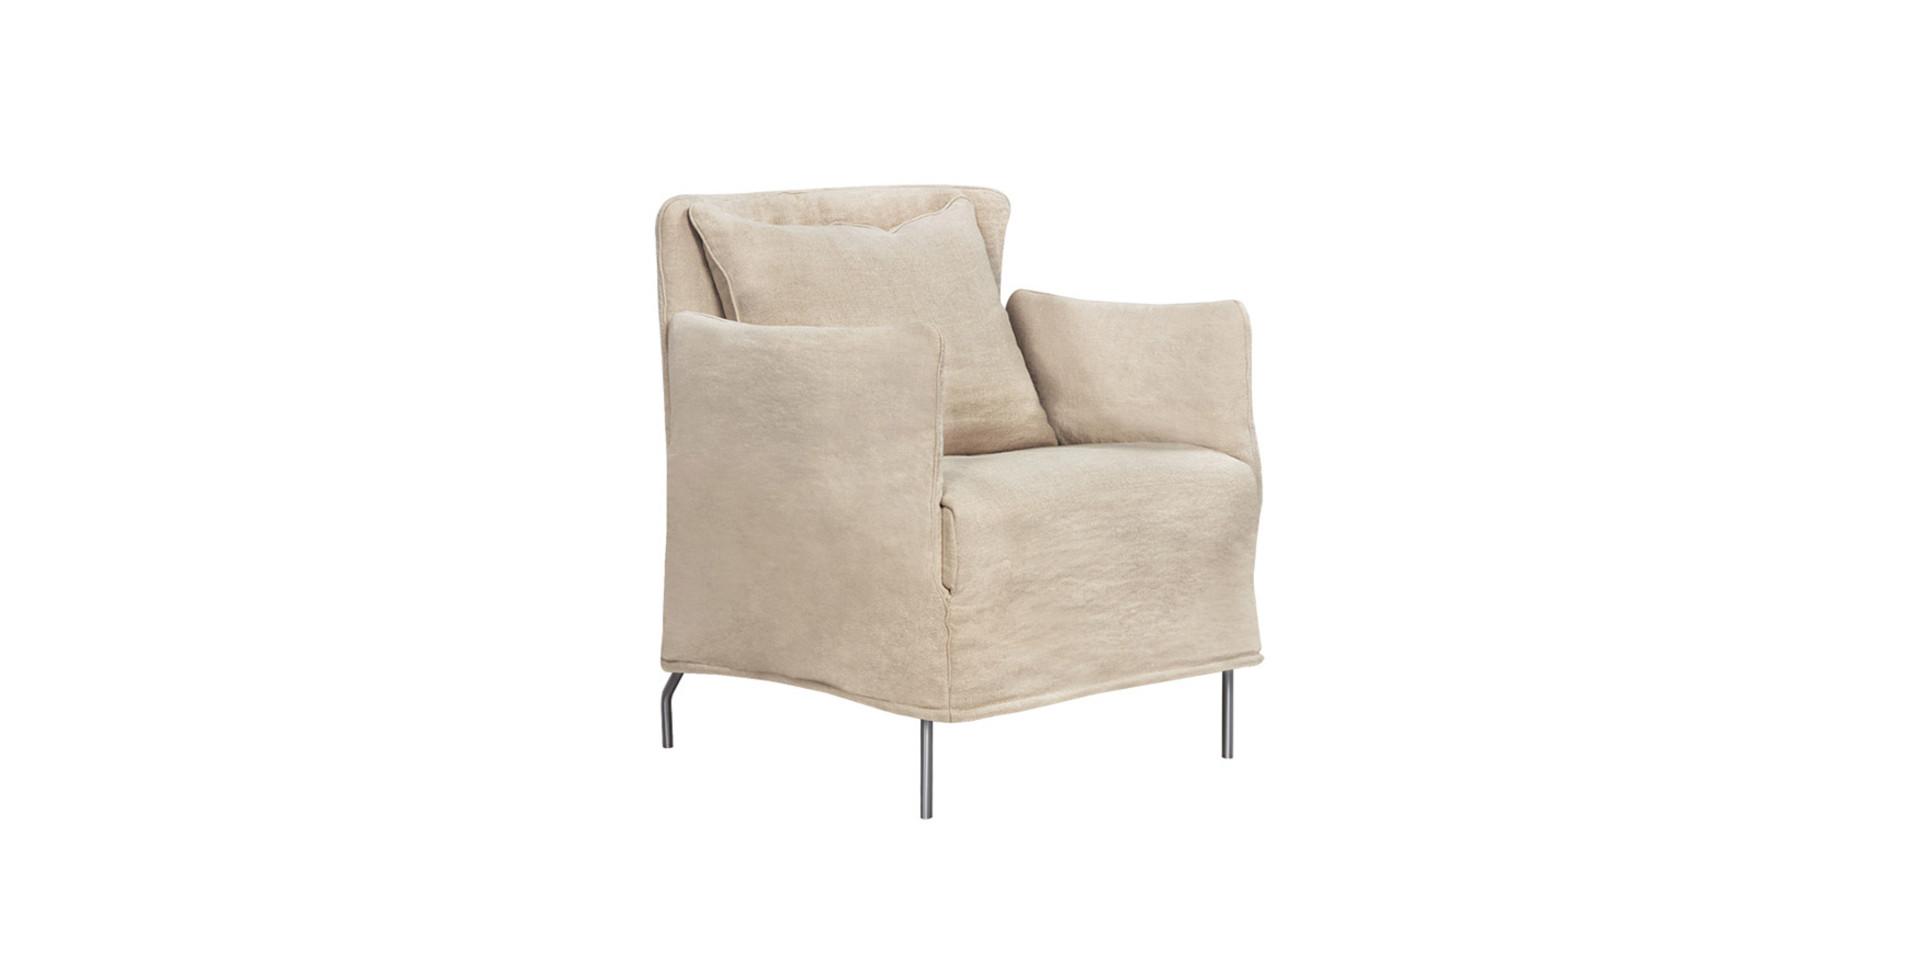 1CUTE_armchair_linenL007_natur_2